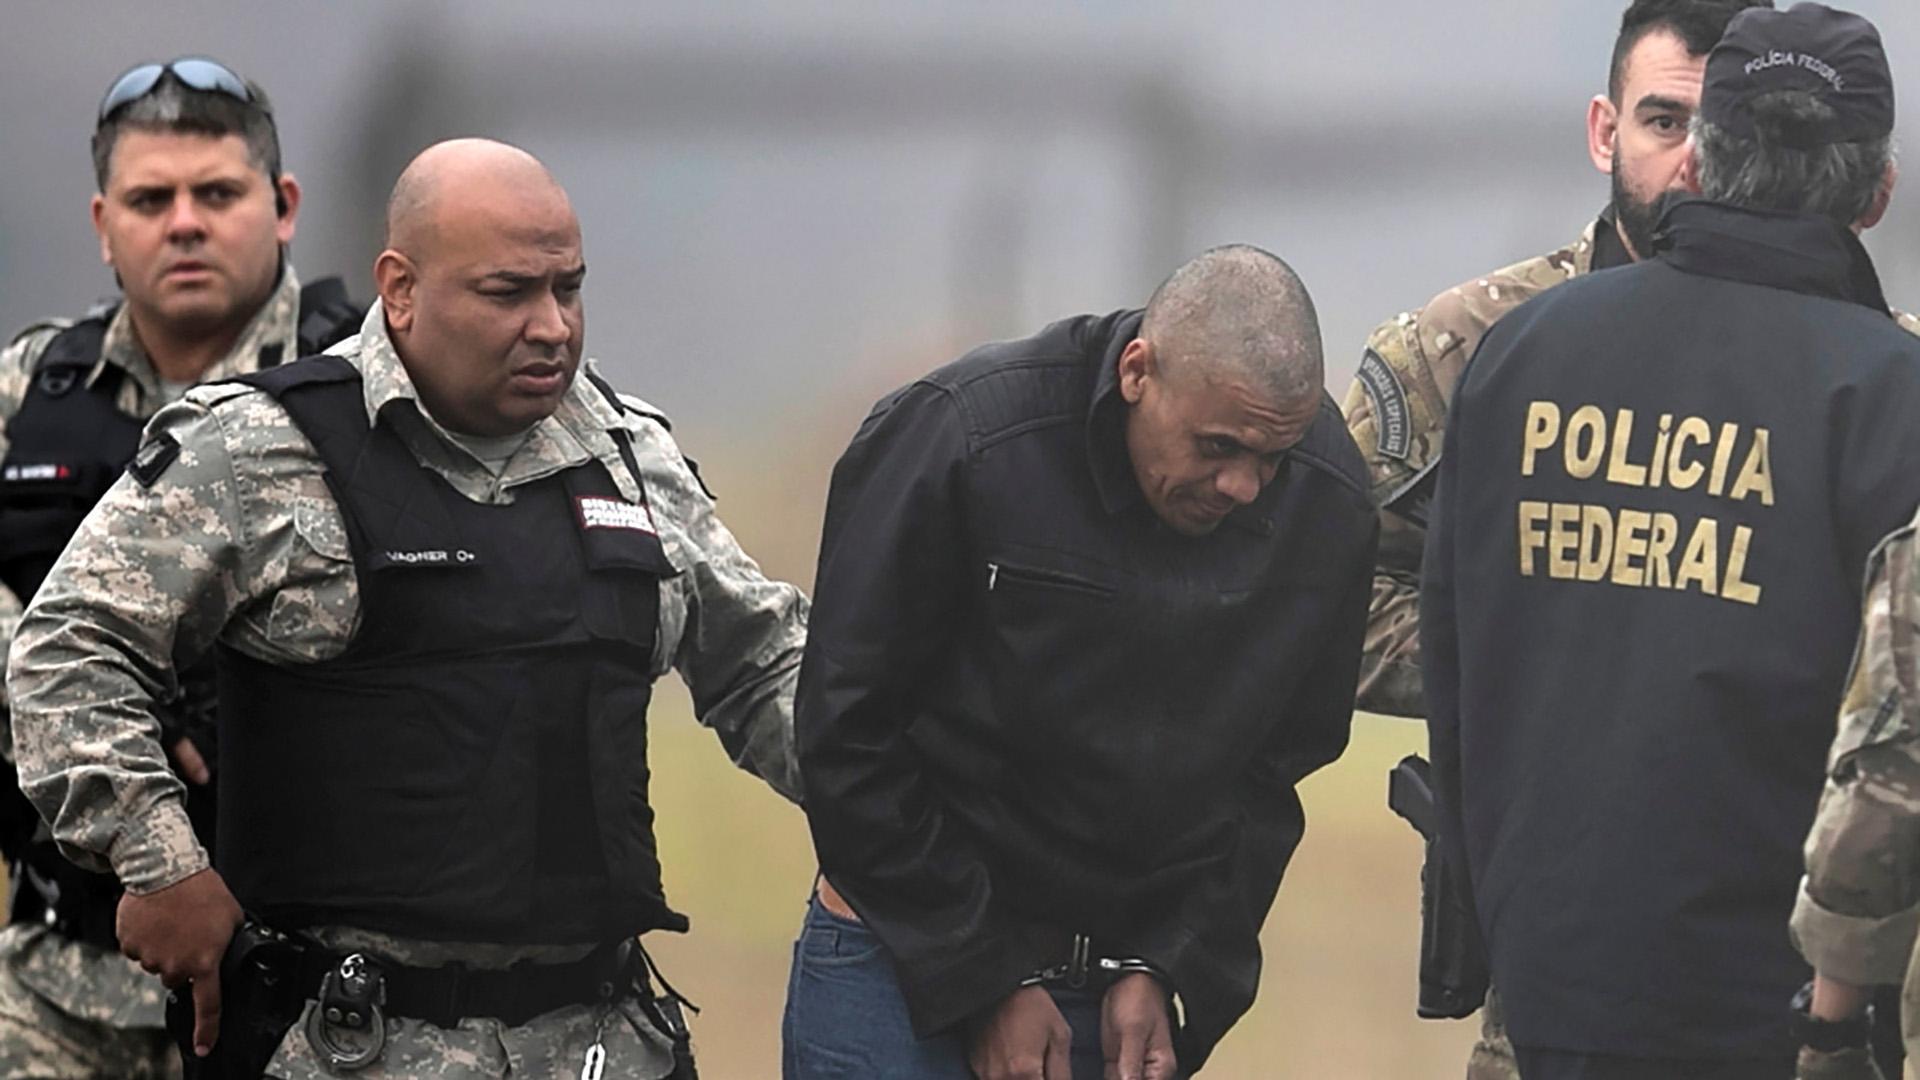 El traslado de Adelio Bispo de Oliveira, el atacante (Reuters)